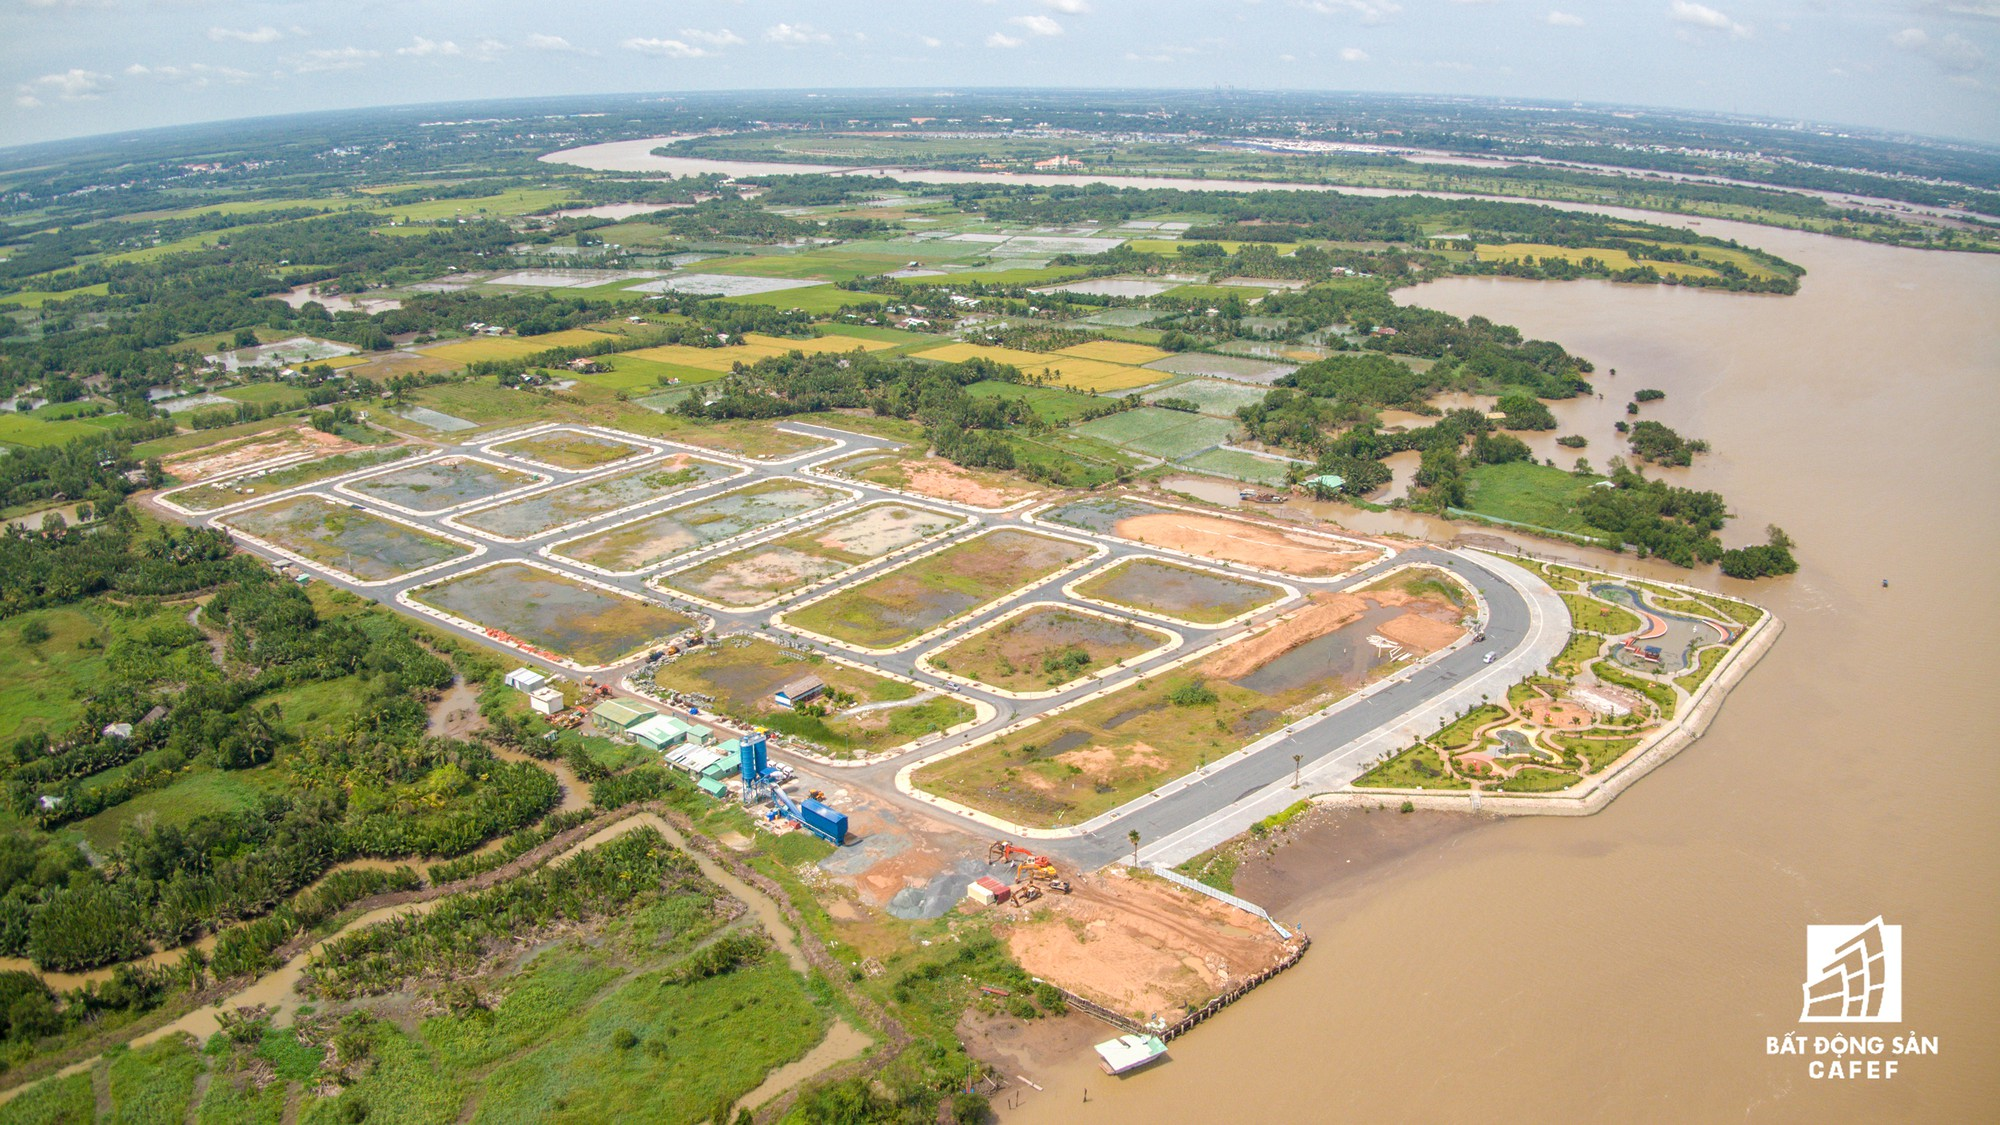 Đồng Nai chốt phương án xây cầu Cát Lái nối Nhơn Trạch và TP.HCM, bức tranh thị trường bất động sản thay đổi chóng mặt - Ảnh 22.